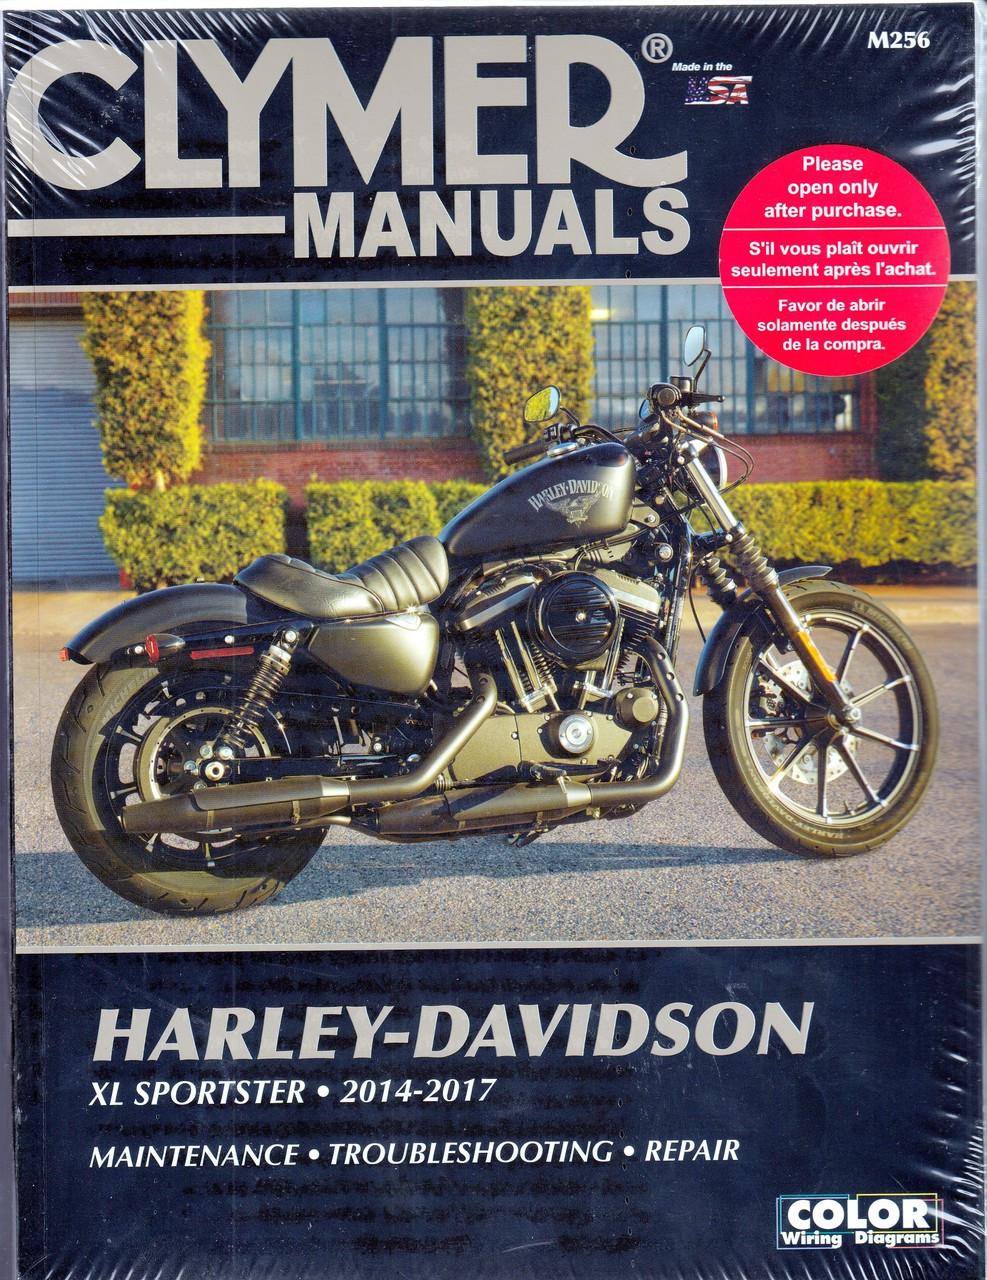 Harley-Davidson XL Sportster 2014 - 2017 Workshop Manual on